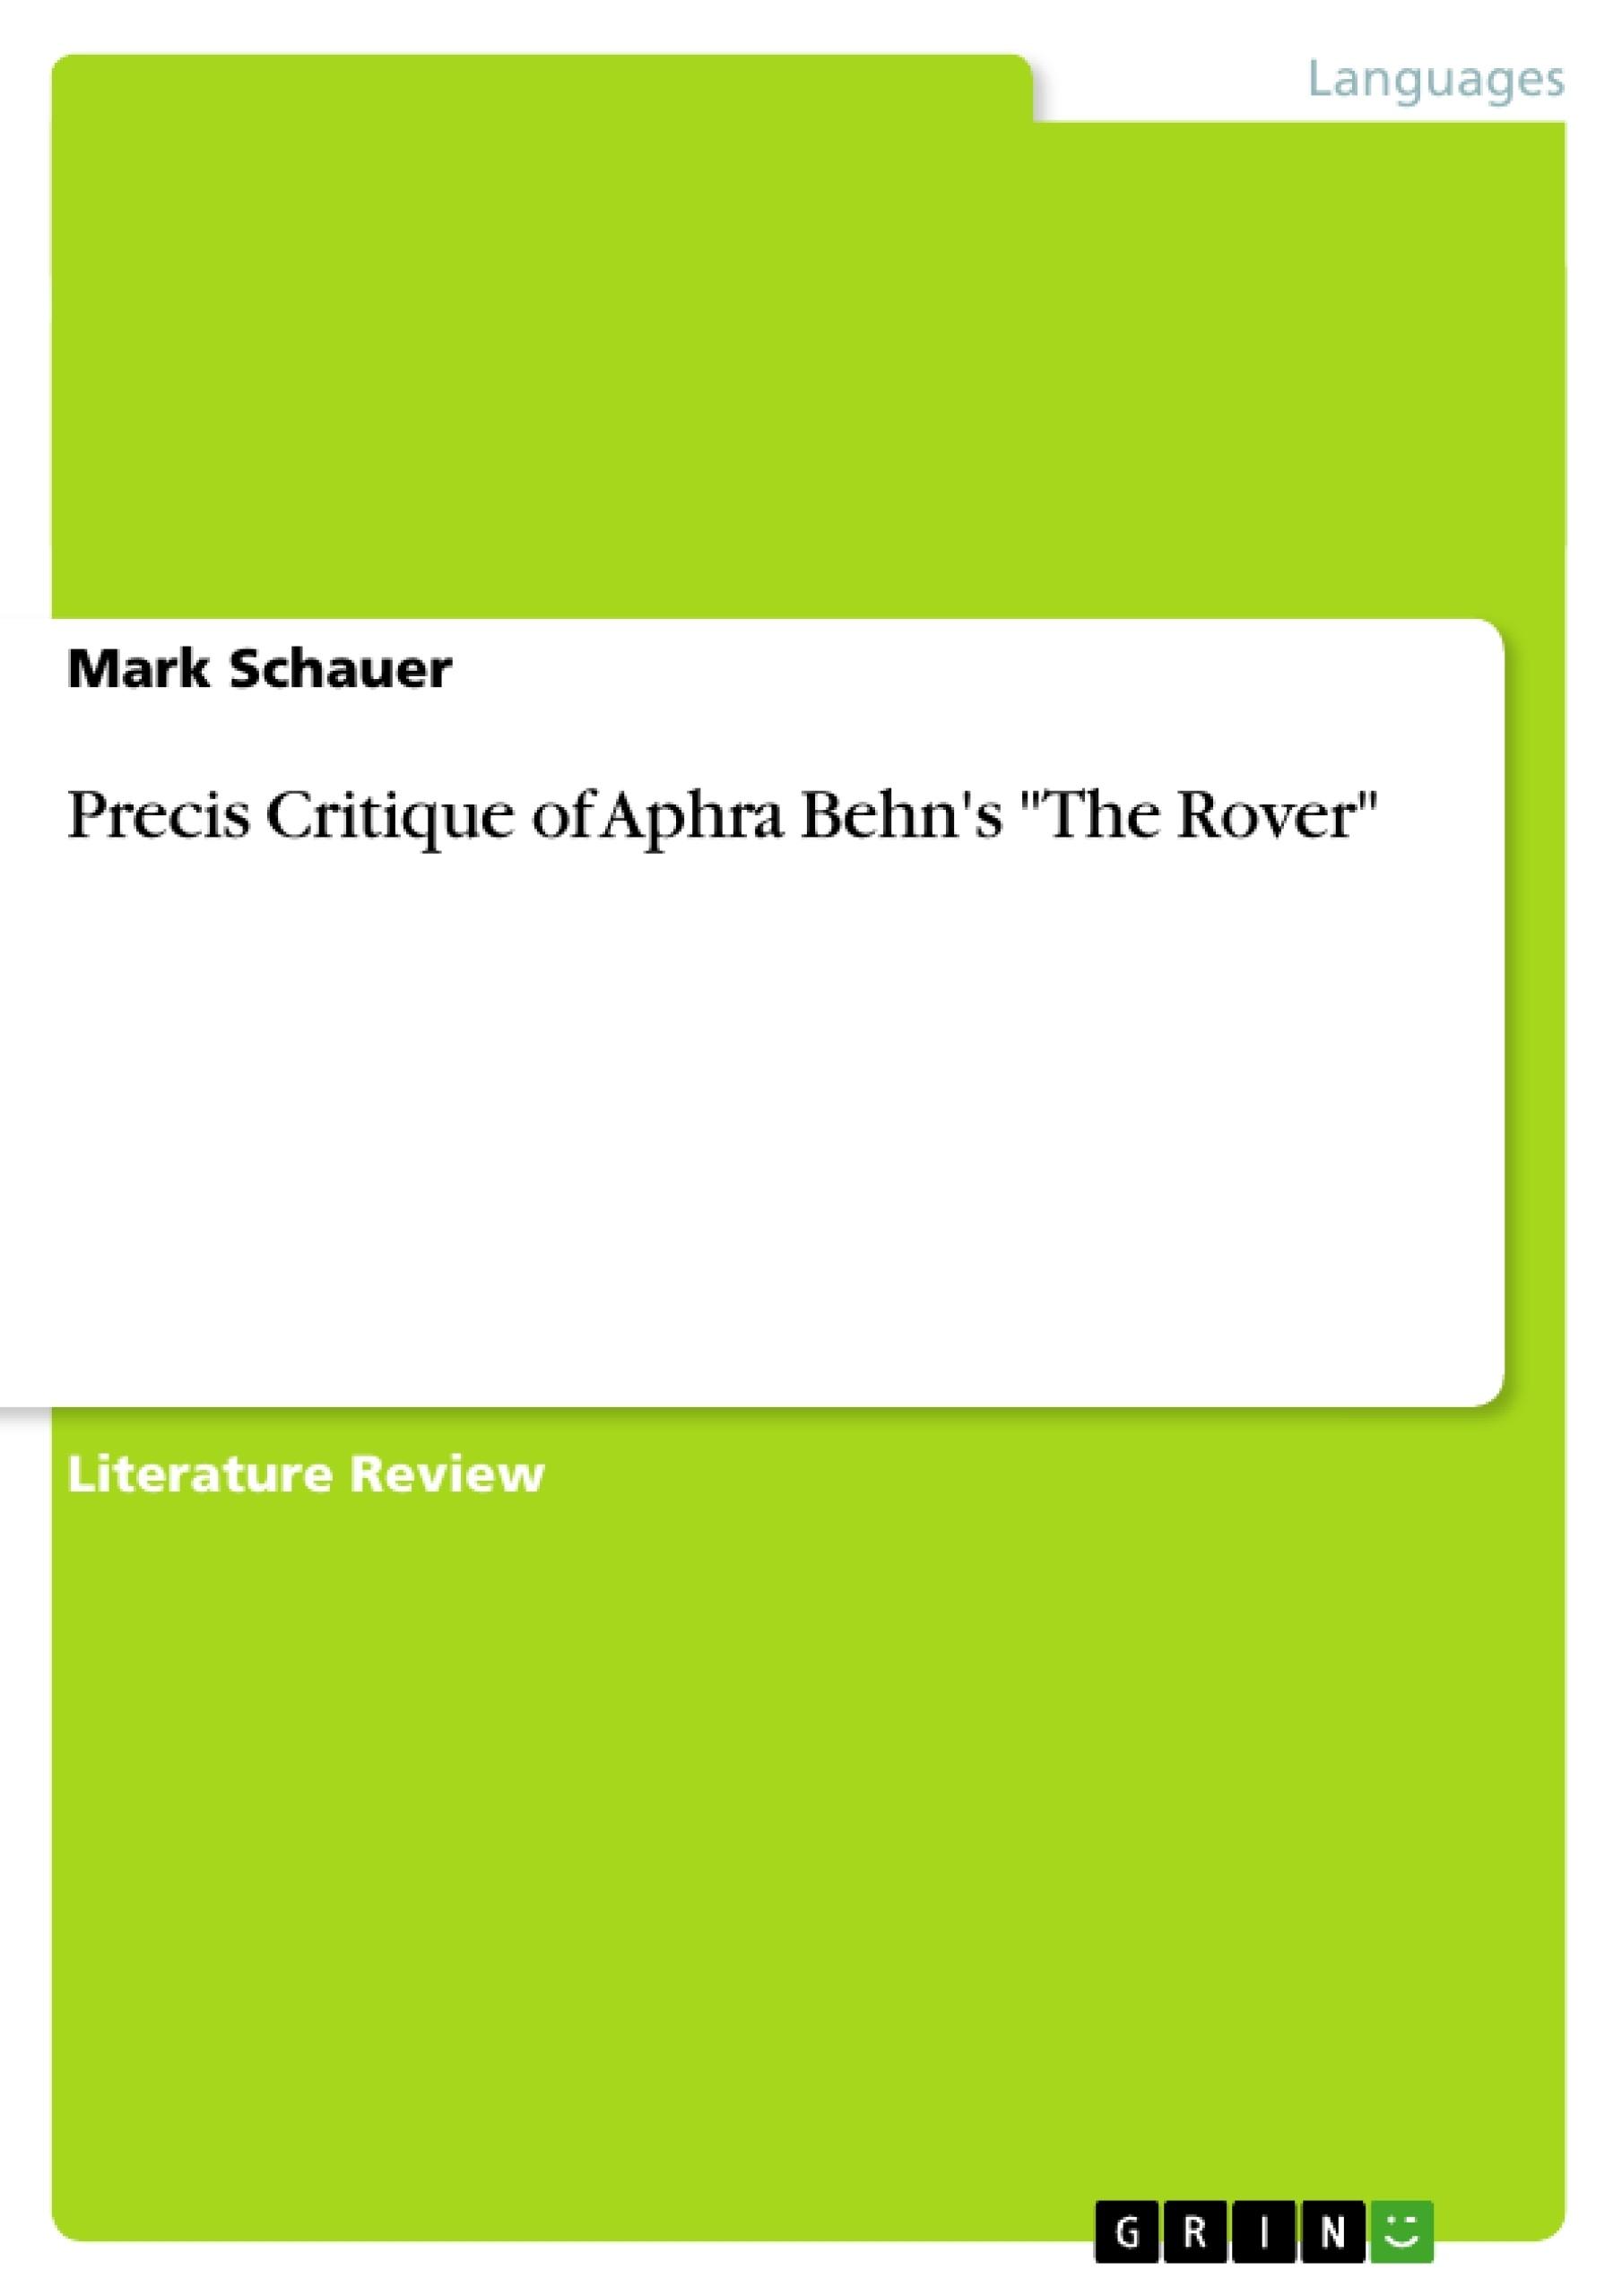 """Title: Precis Critique of Aphra Behn's """"The Rover"""""""